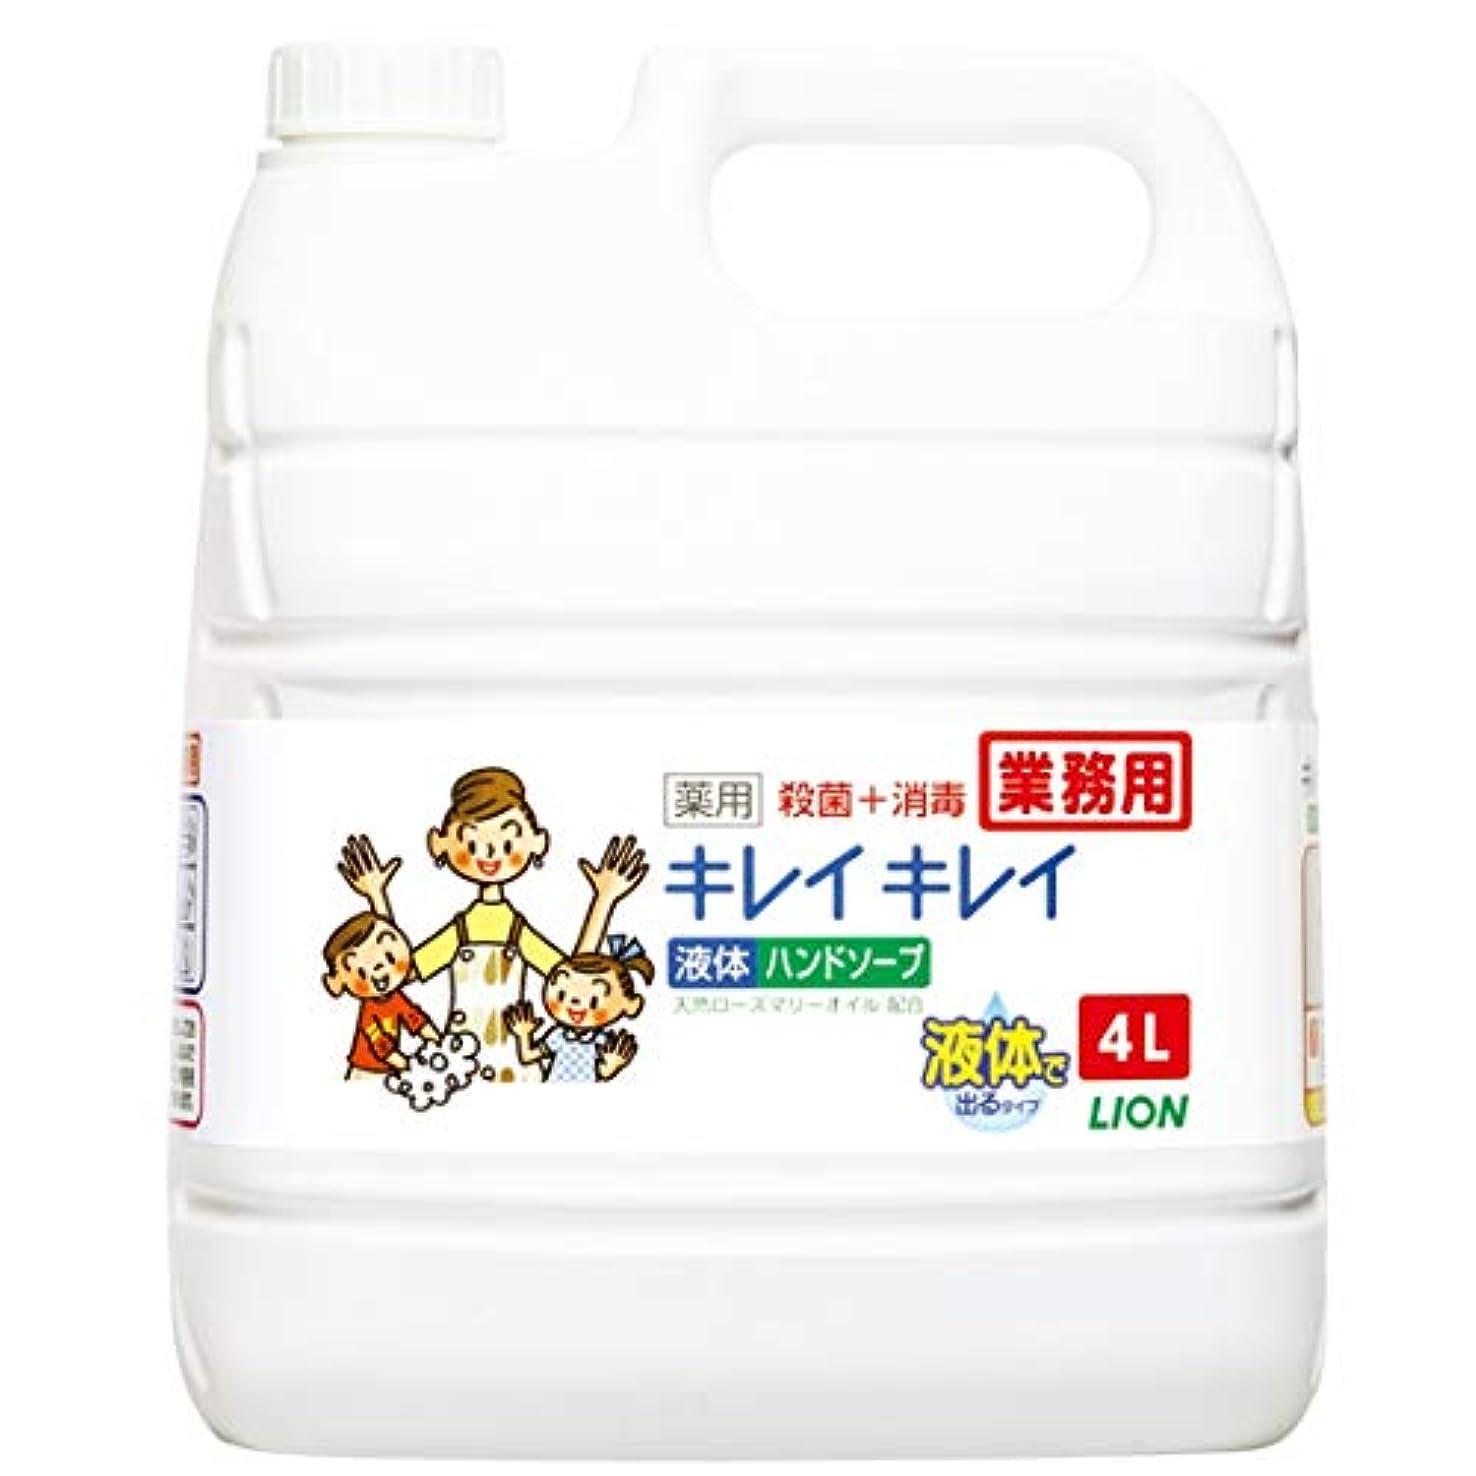 下品経由で会議【業務用 大容量】キレイキレイ 薬用 ハンドソープ  4L(医薬部外品)